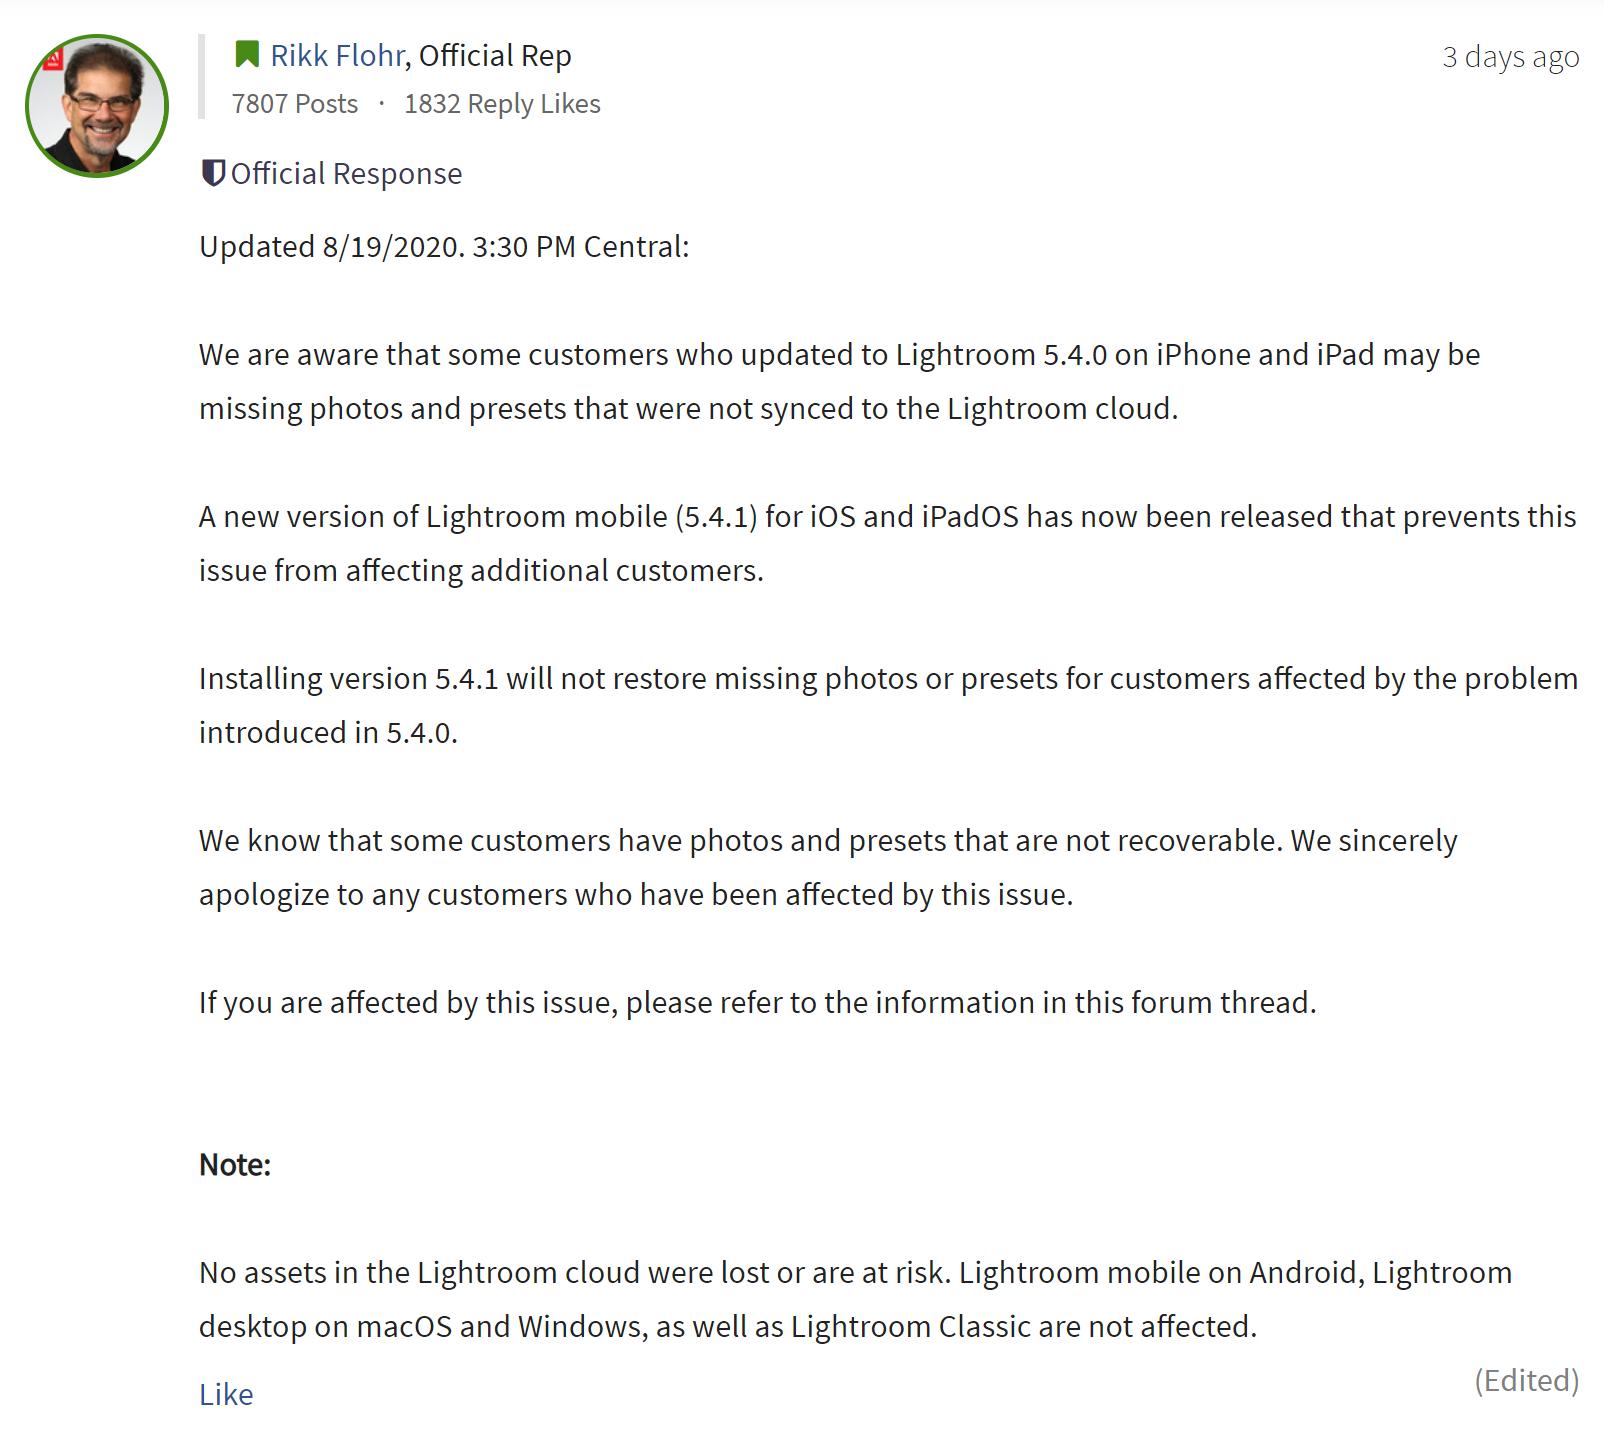 Adobe извинился перед пострадавшими